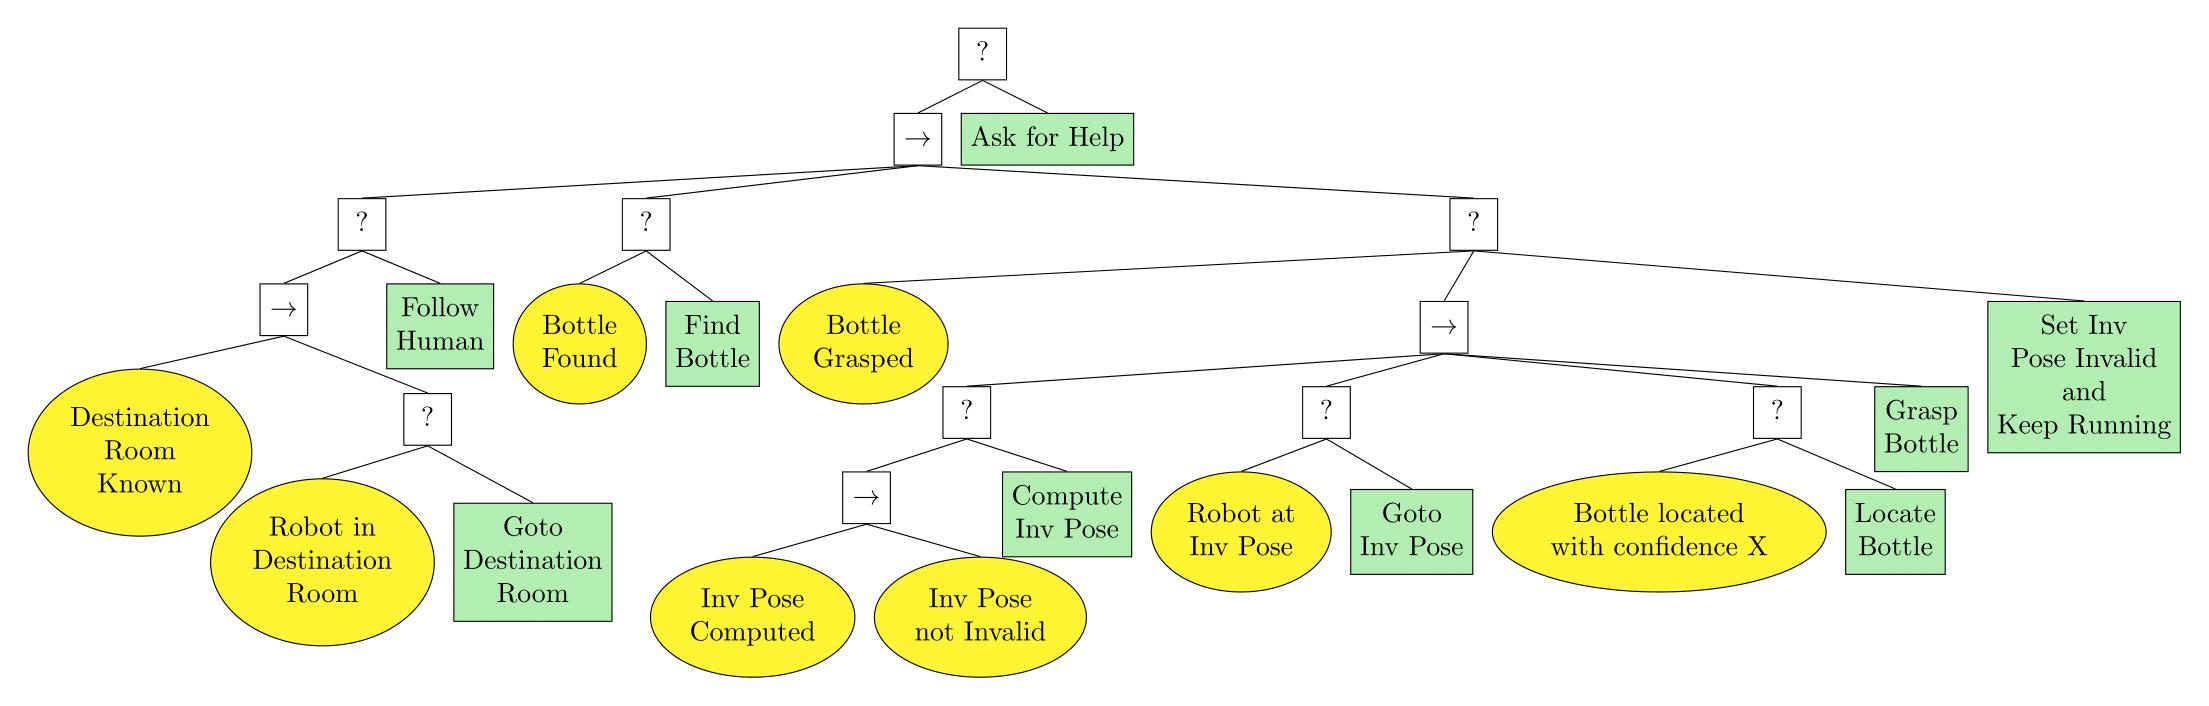 scenario2BT